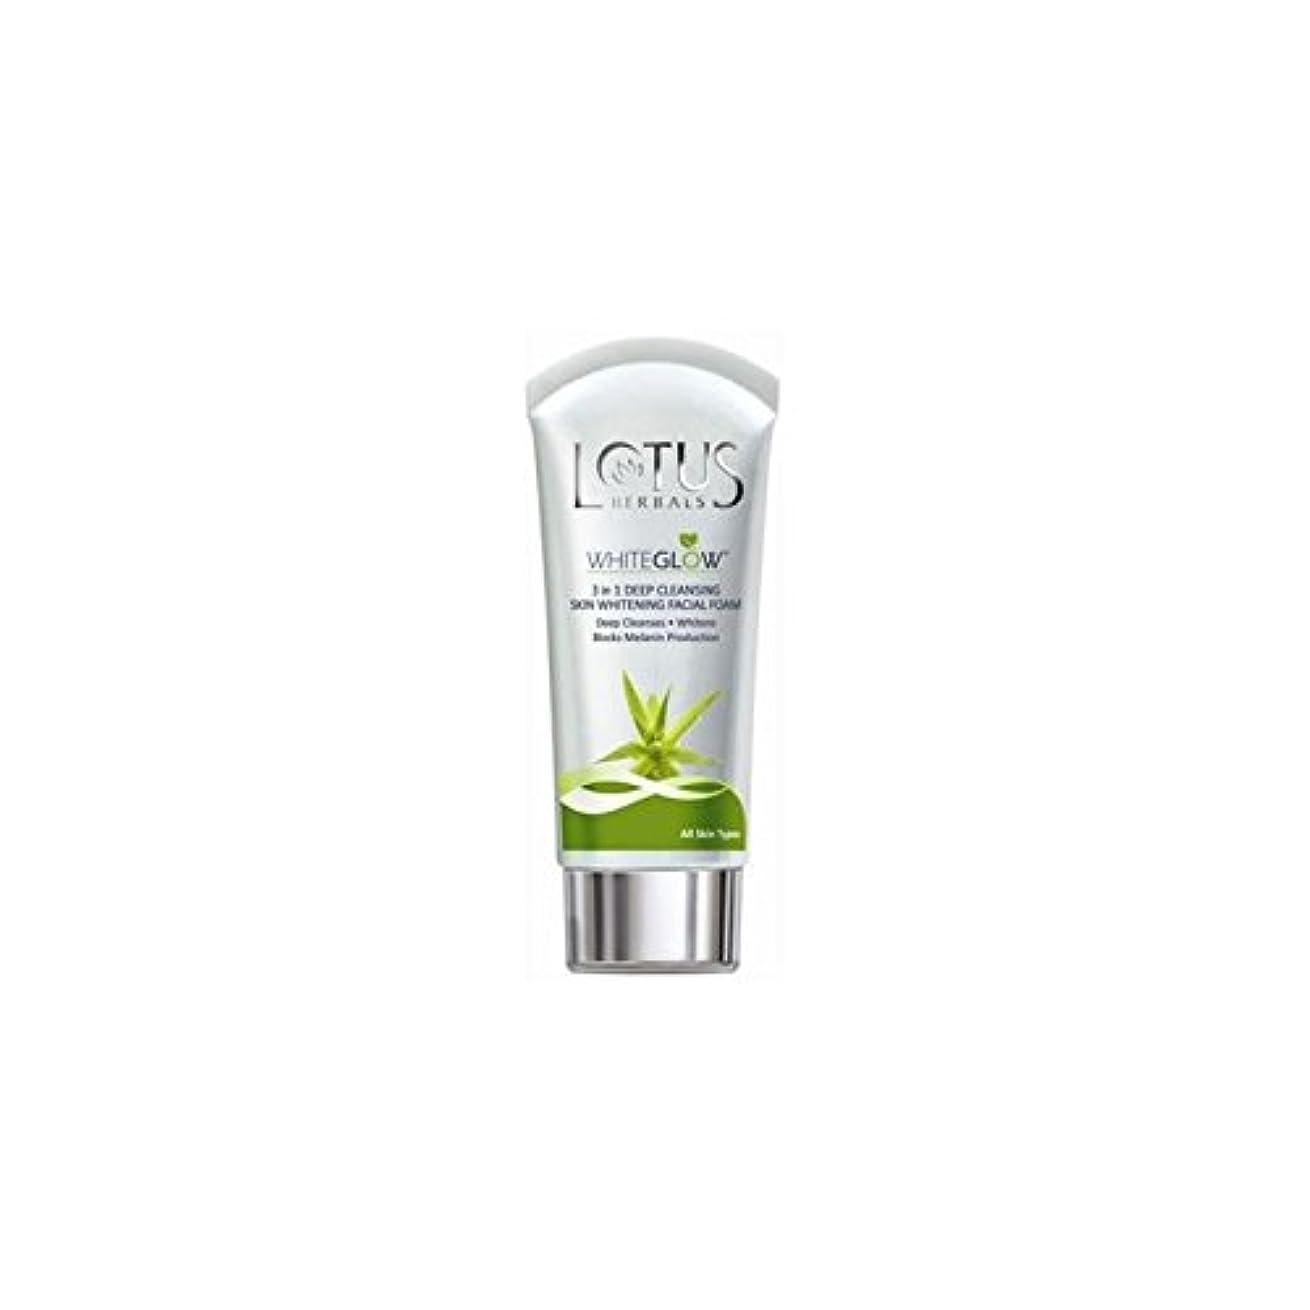 ブラザーひも政治的Lotus Herbals 3-in-1 Deep Cleansing Skin Whitening Facial Foam - Whiteglow 50g